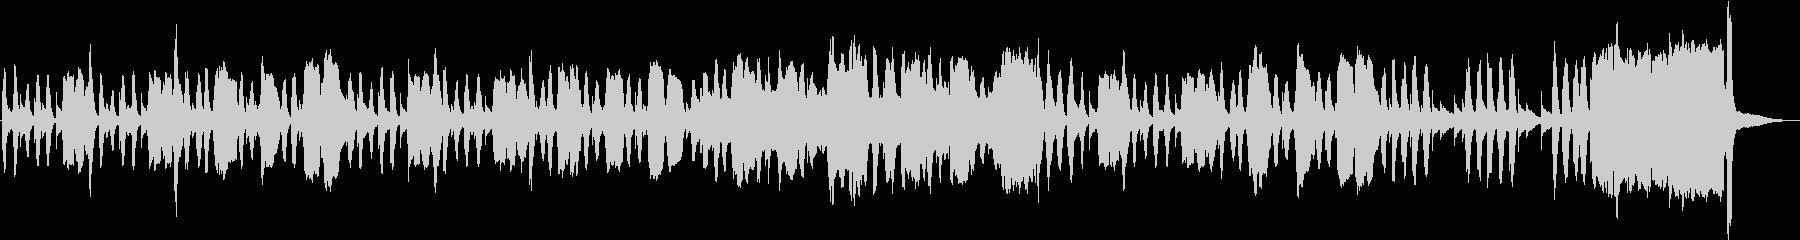 バスクラとテナーサックスの「考え中」の未再生の波形